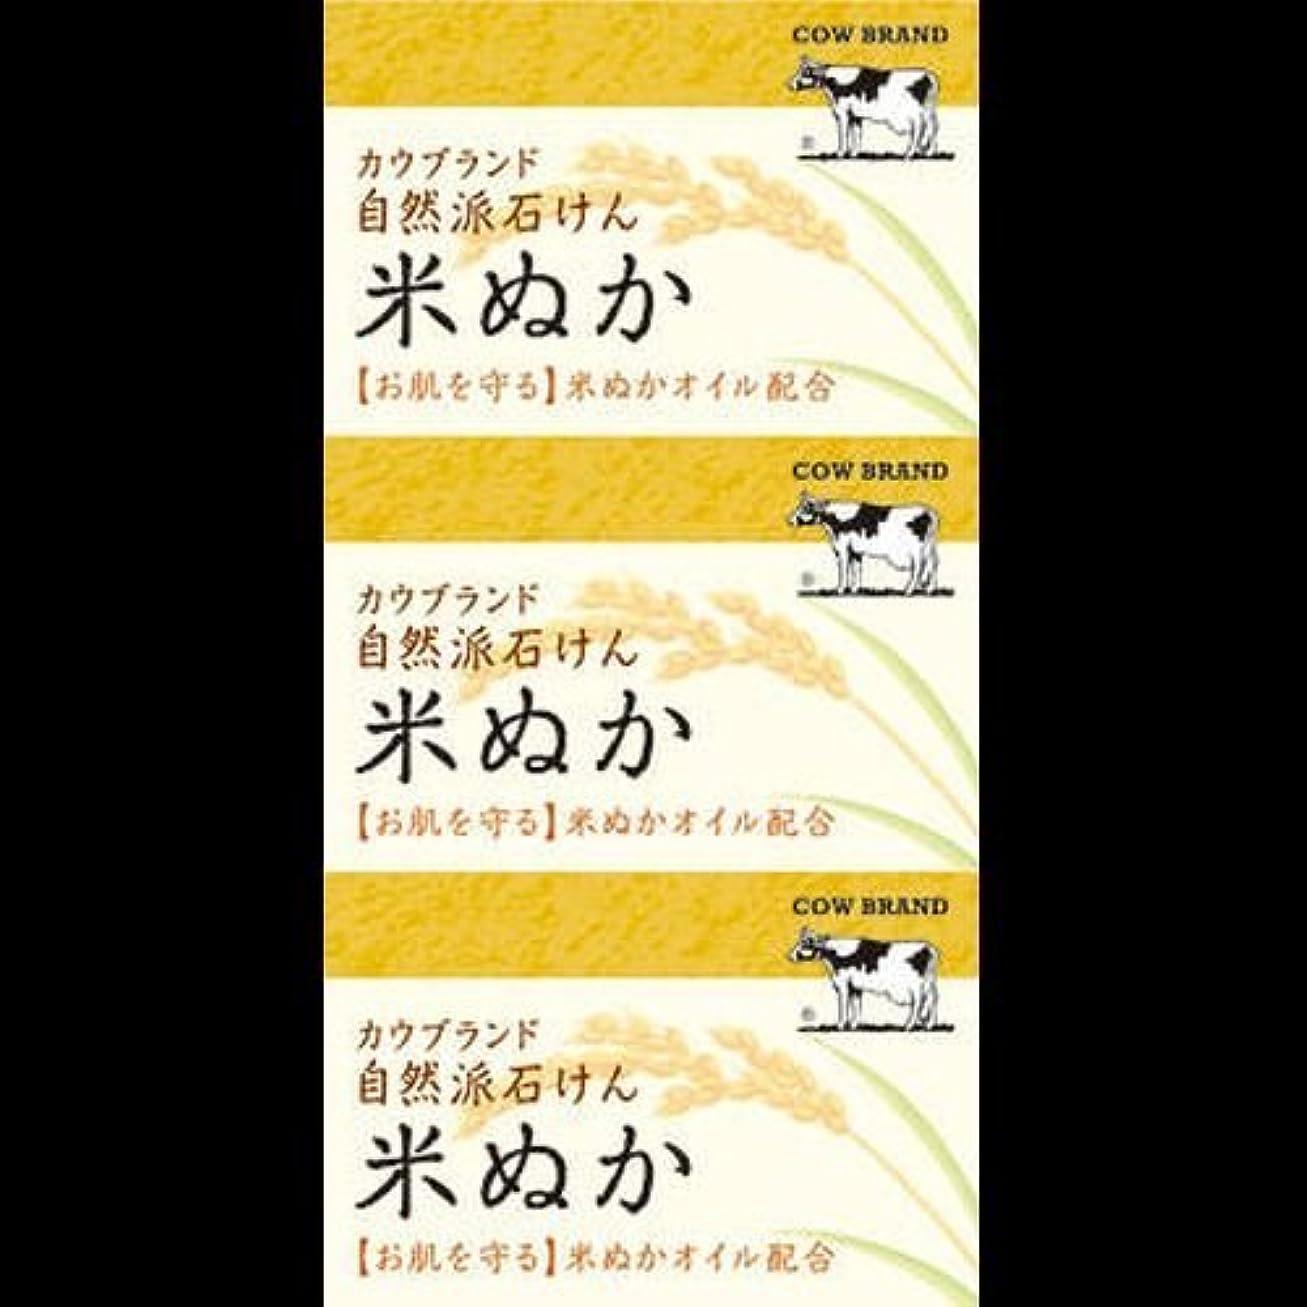 硬さ釈義硬さ【まとめ買い】カウブランド 自然派石けん 米ぬか 100g*3個 ×2セット